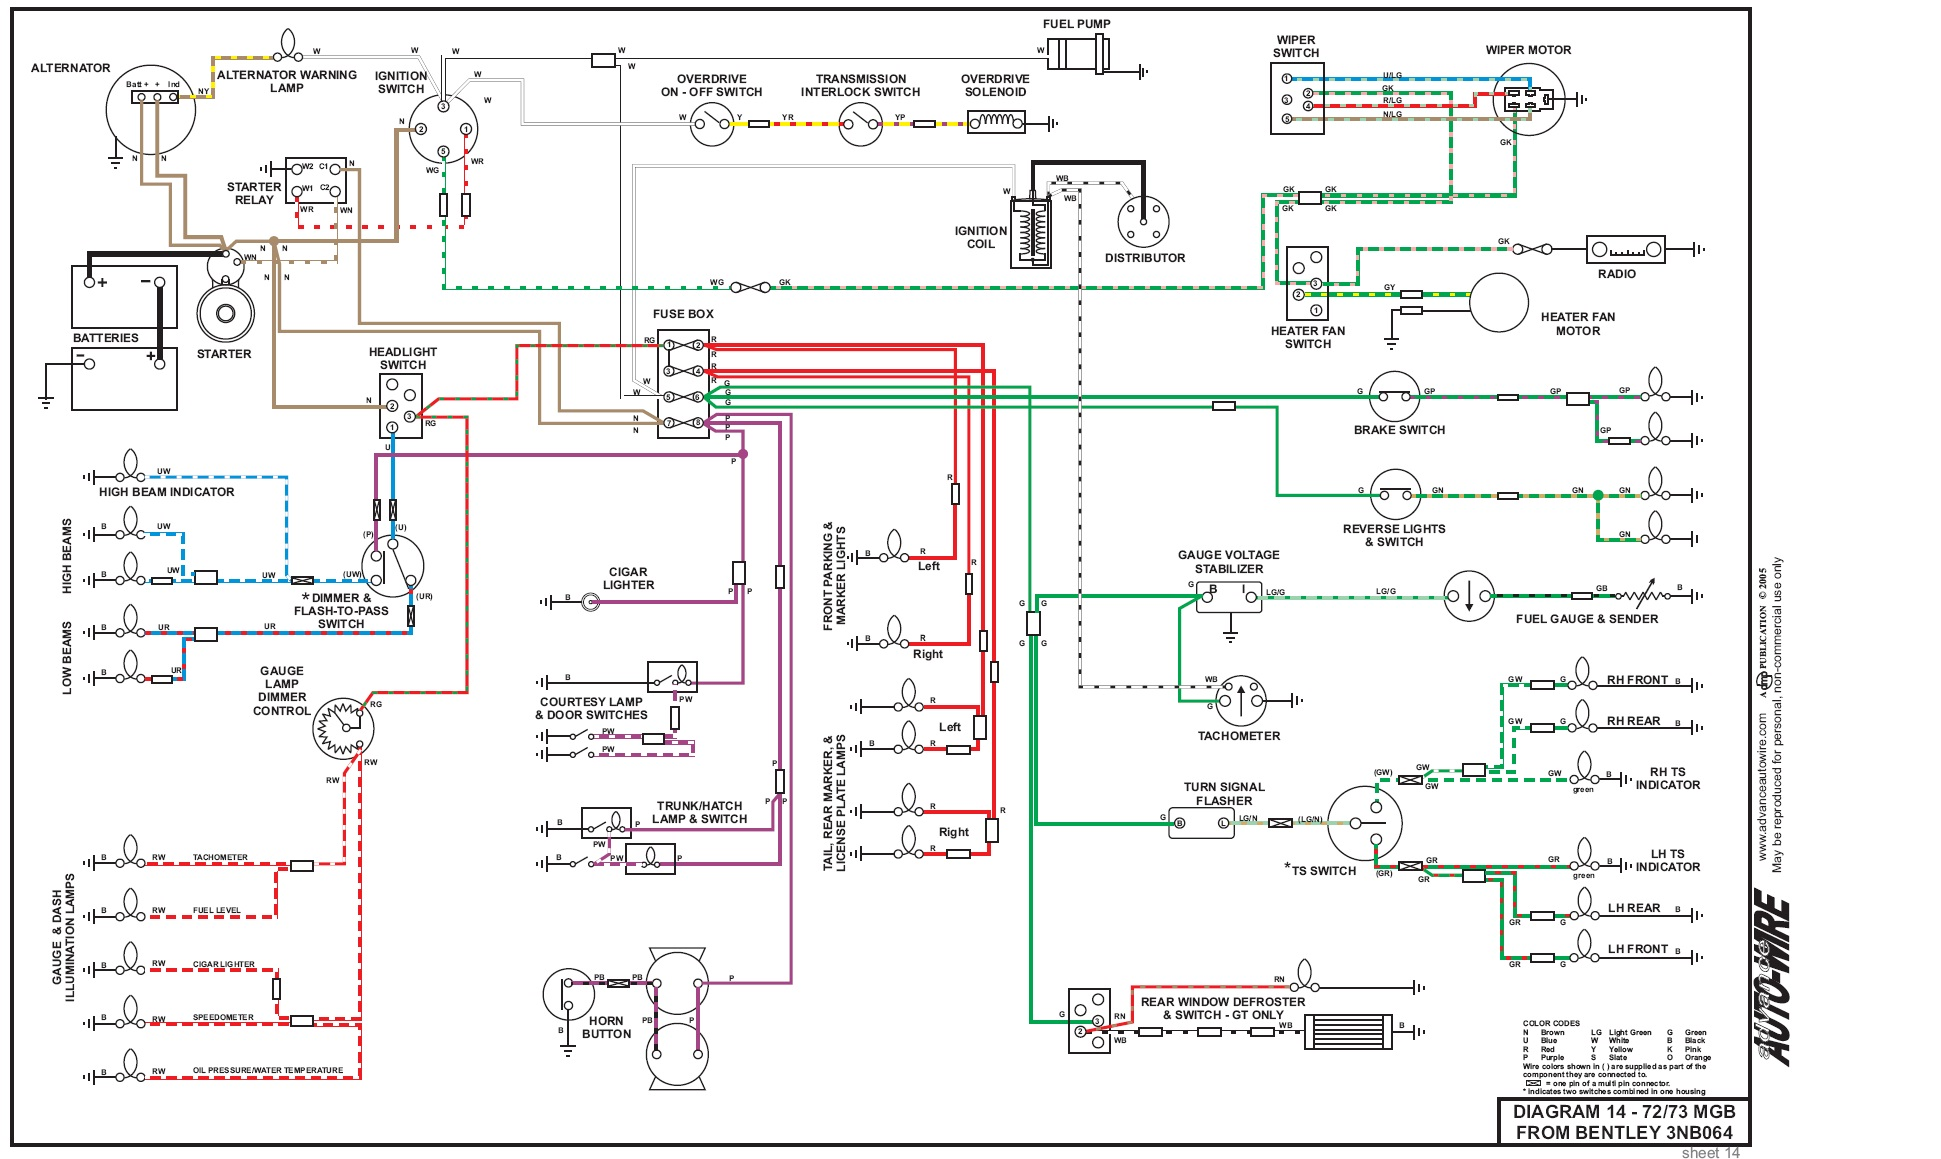 78 mgb wiring diagram circuit wiring diagram inside 64 mgb wiring diagram [ 1941 x 1159 Pixel ]